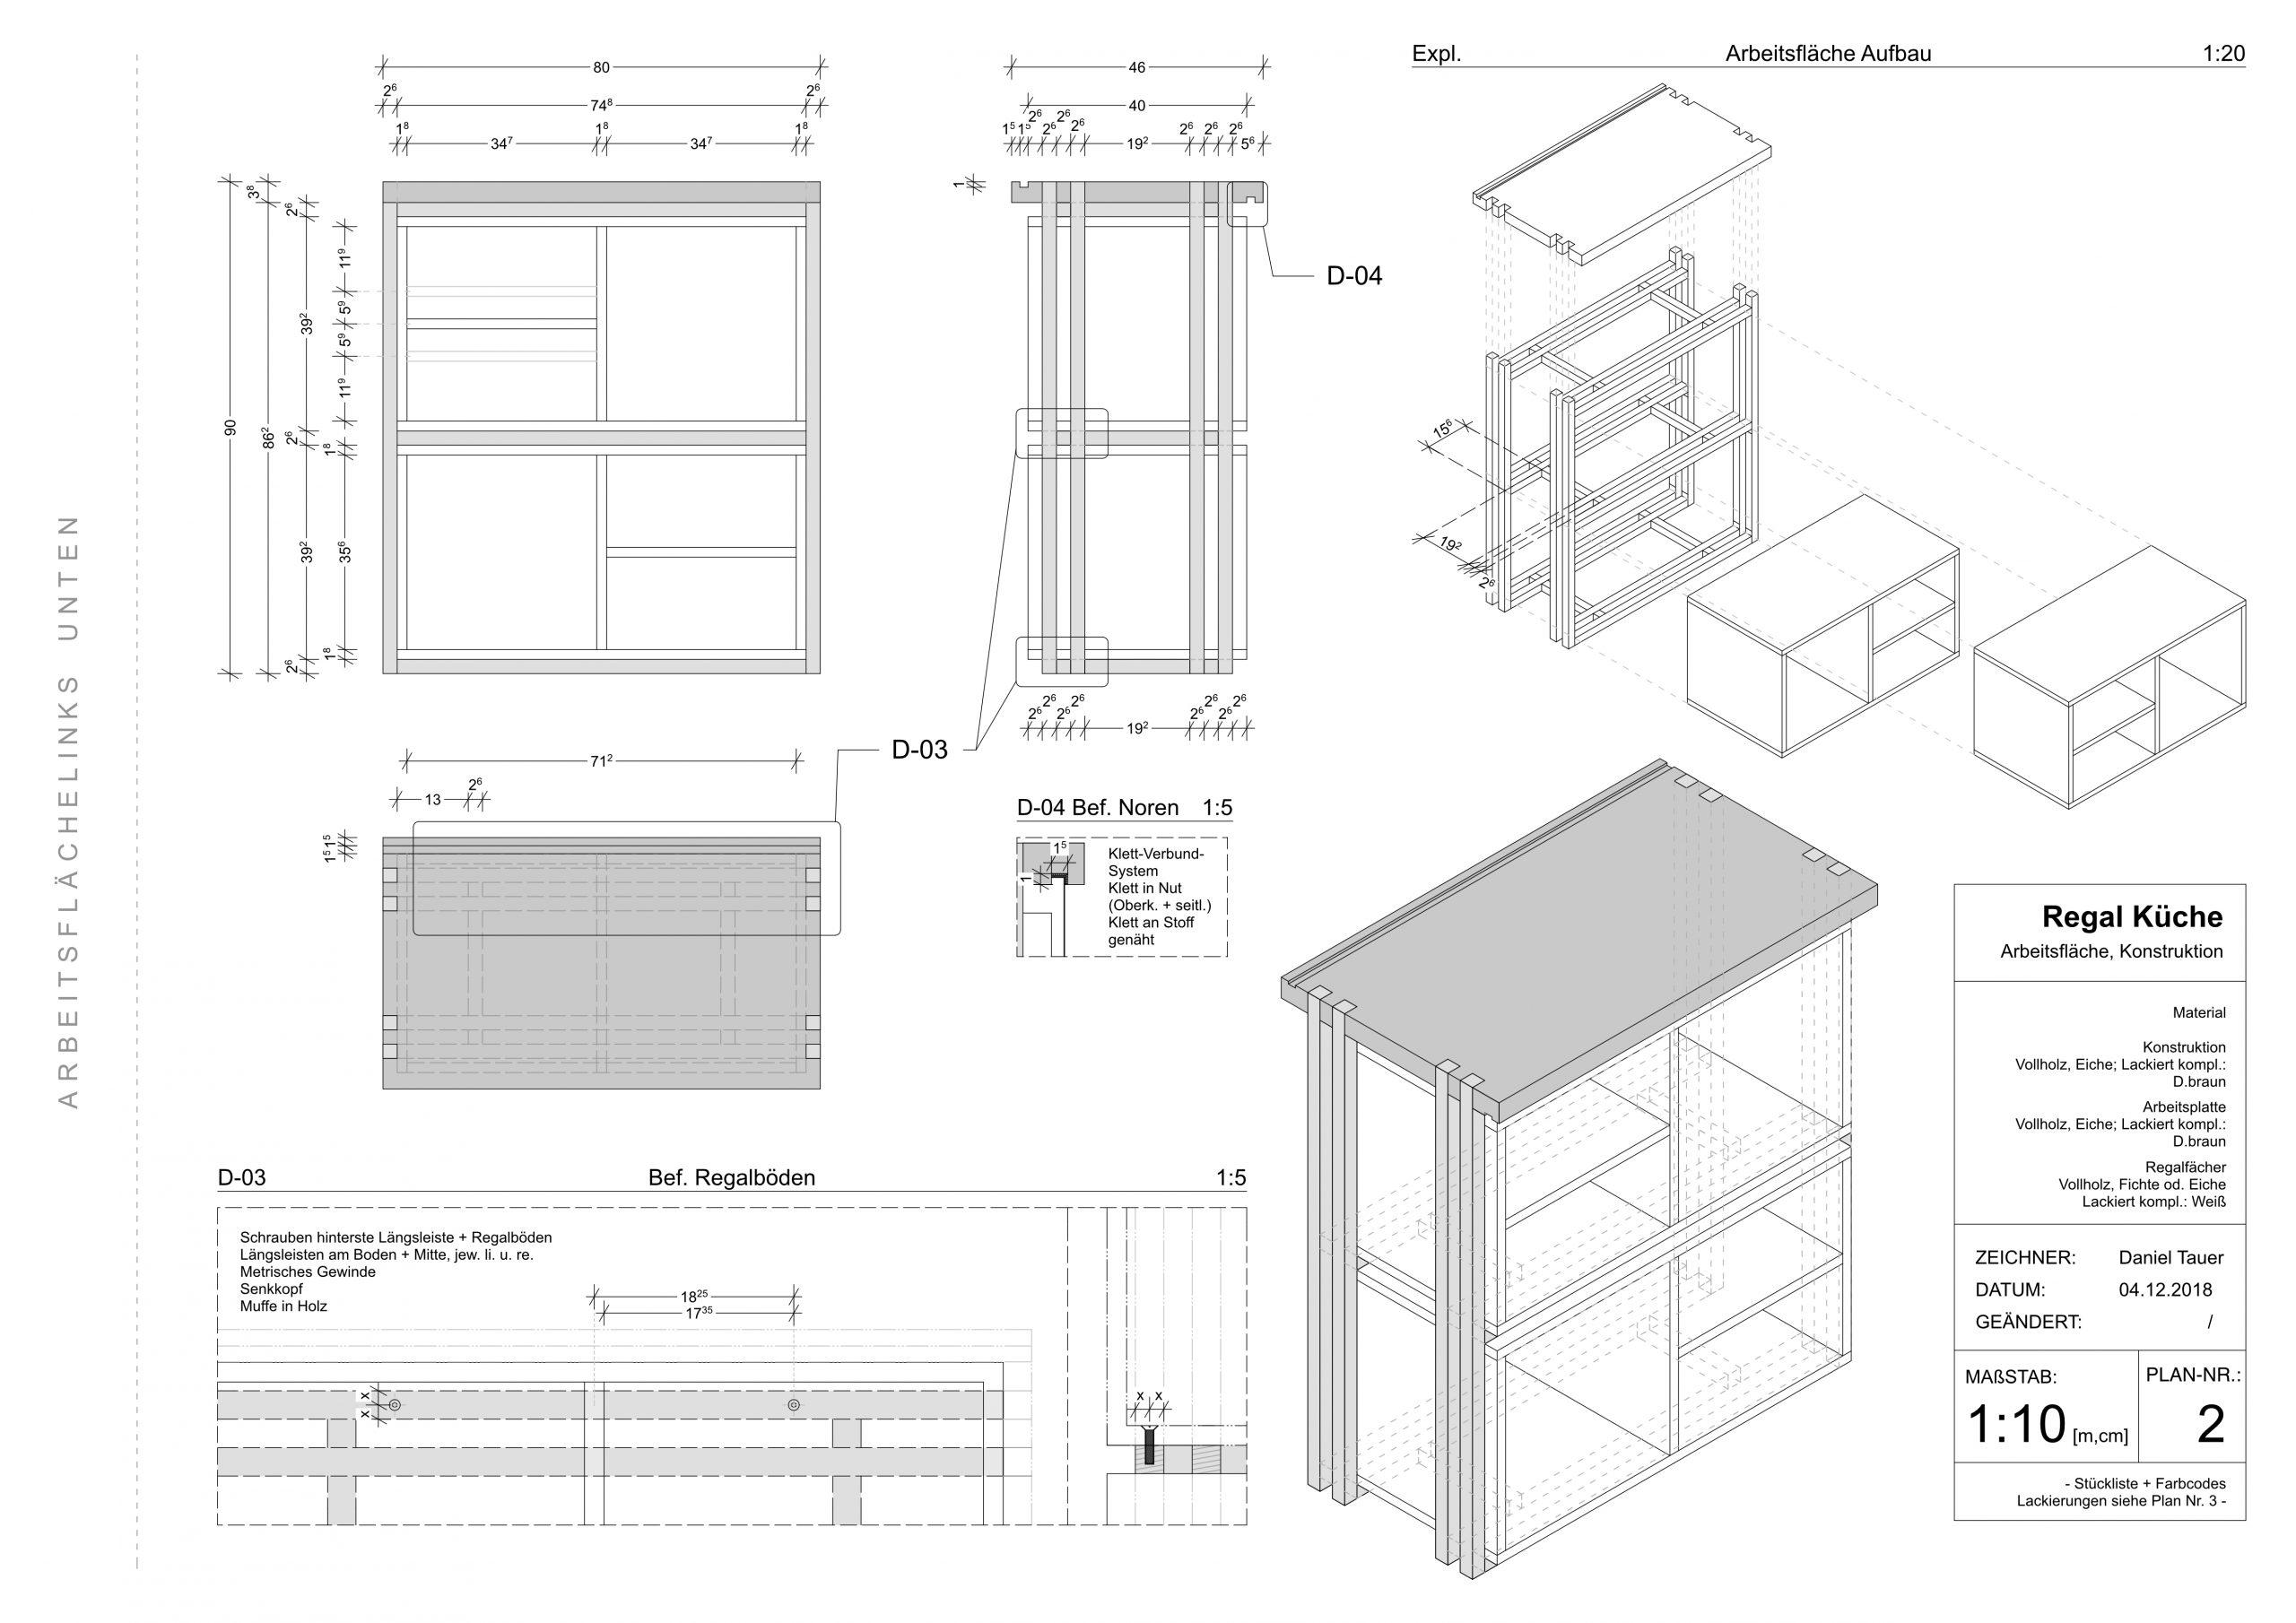 Daniel_Tauer_Projekt_etcpp_Plan_01